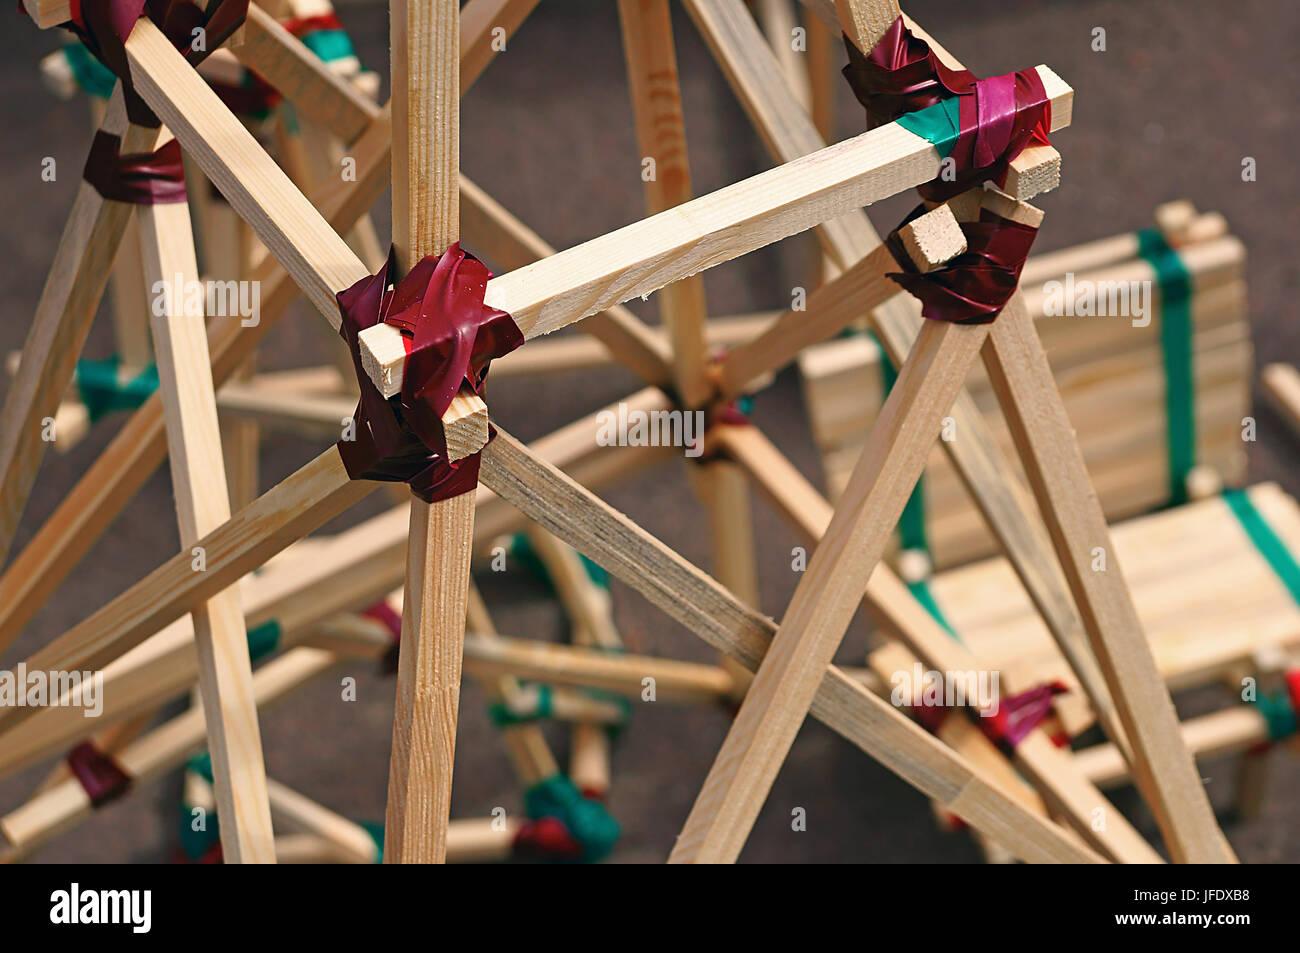 Construcción de listones de madera conectados mediante cinta adhesiva Imagen De Stock